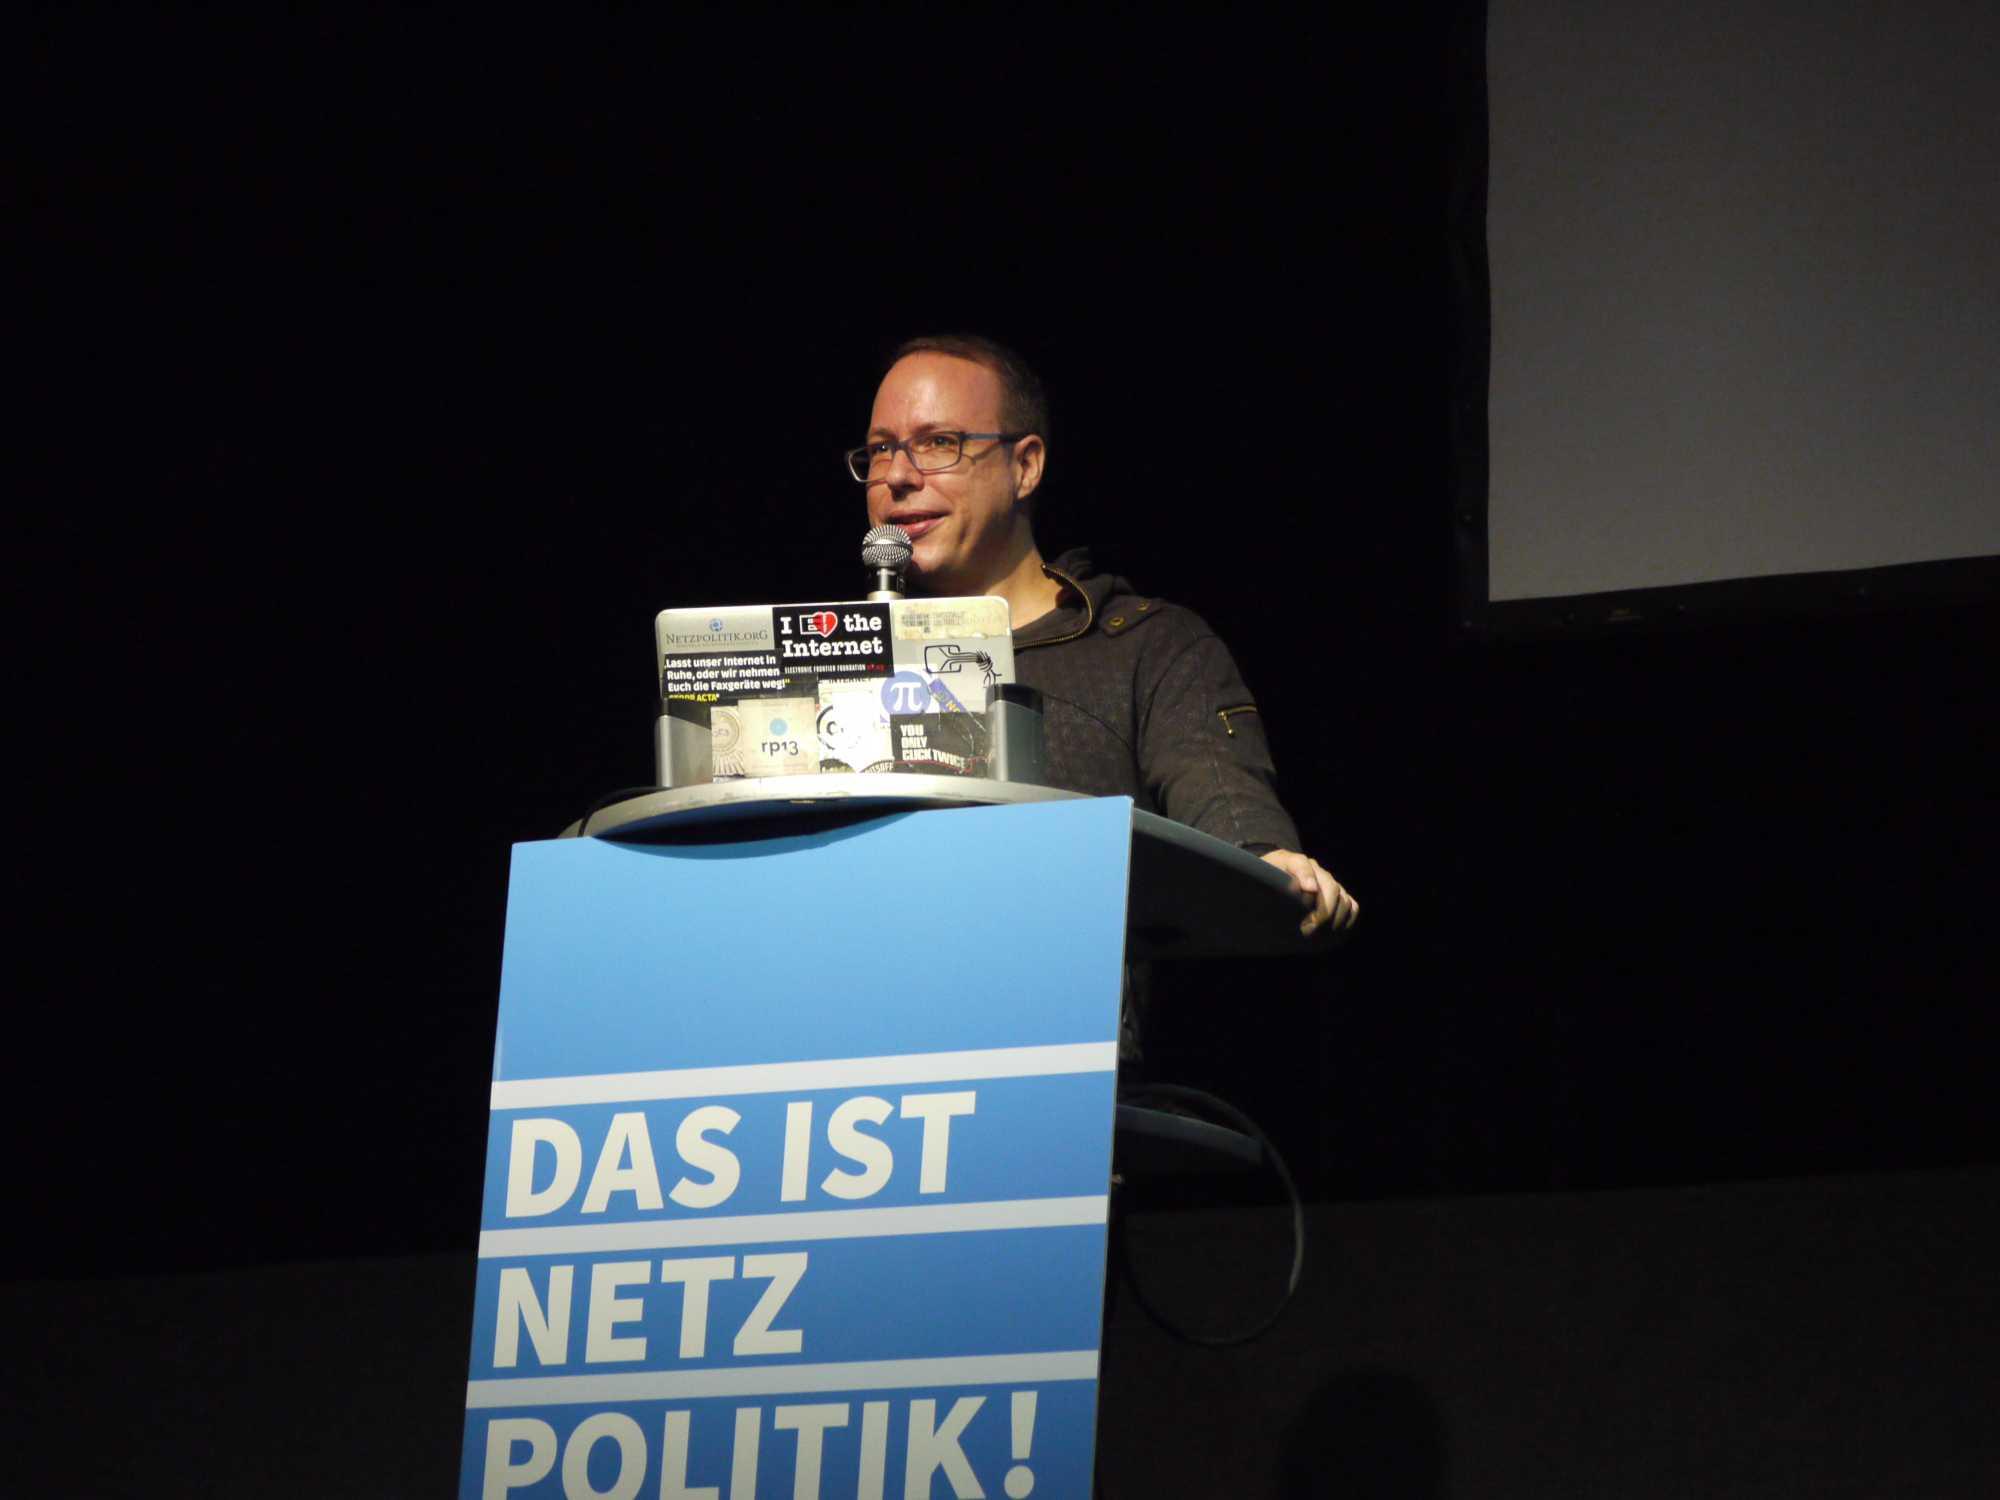 Markus Beckedahl bei der Dankesrede zum 10. Geburtstag von Netzpolitik.org